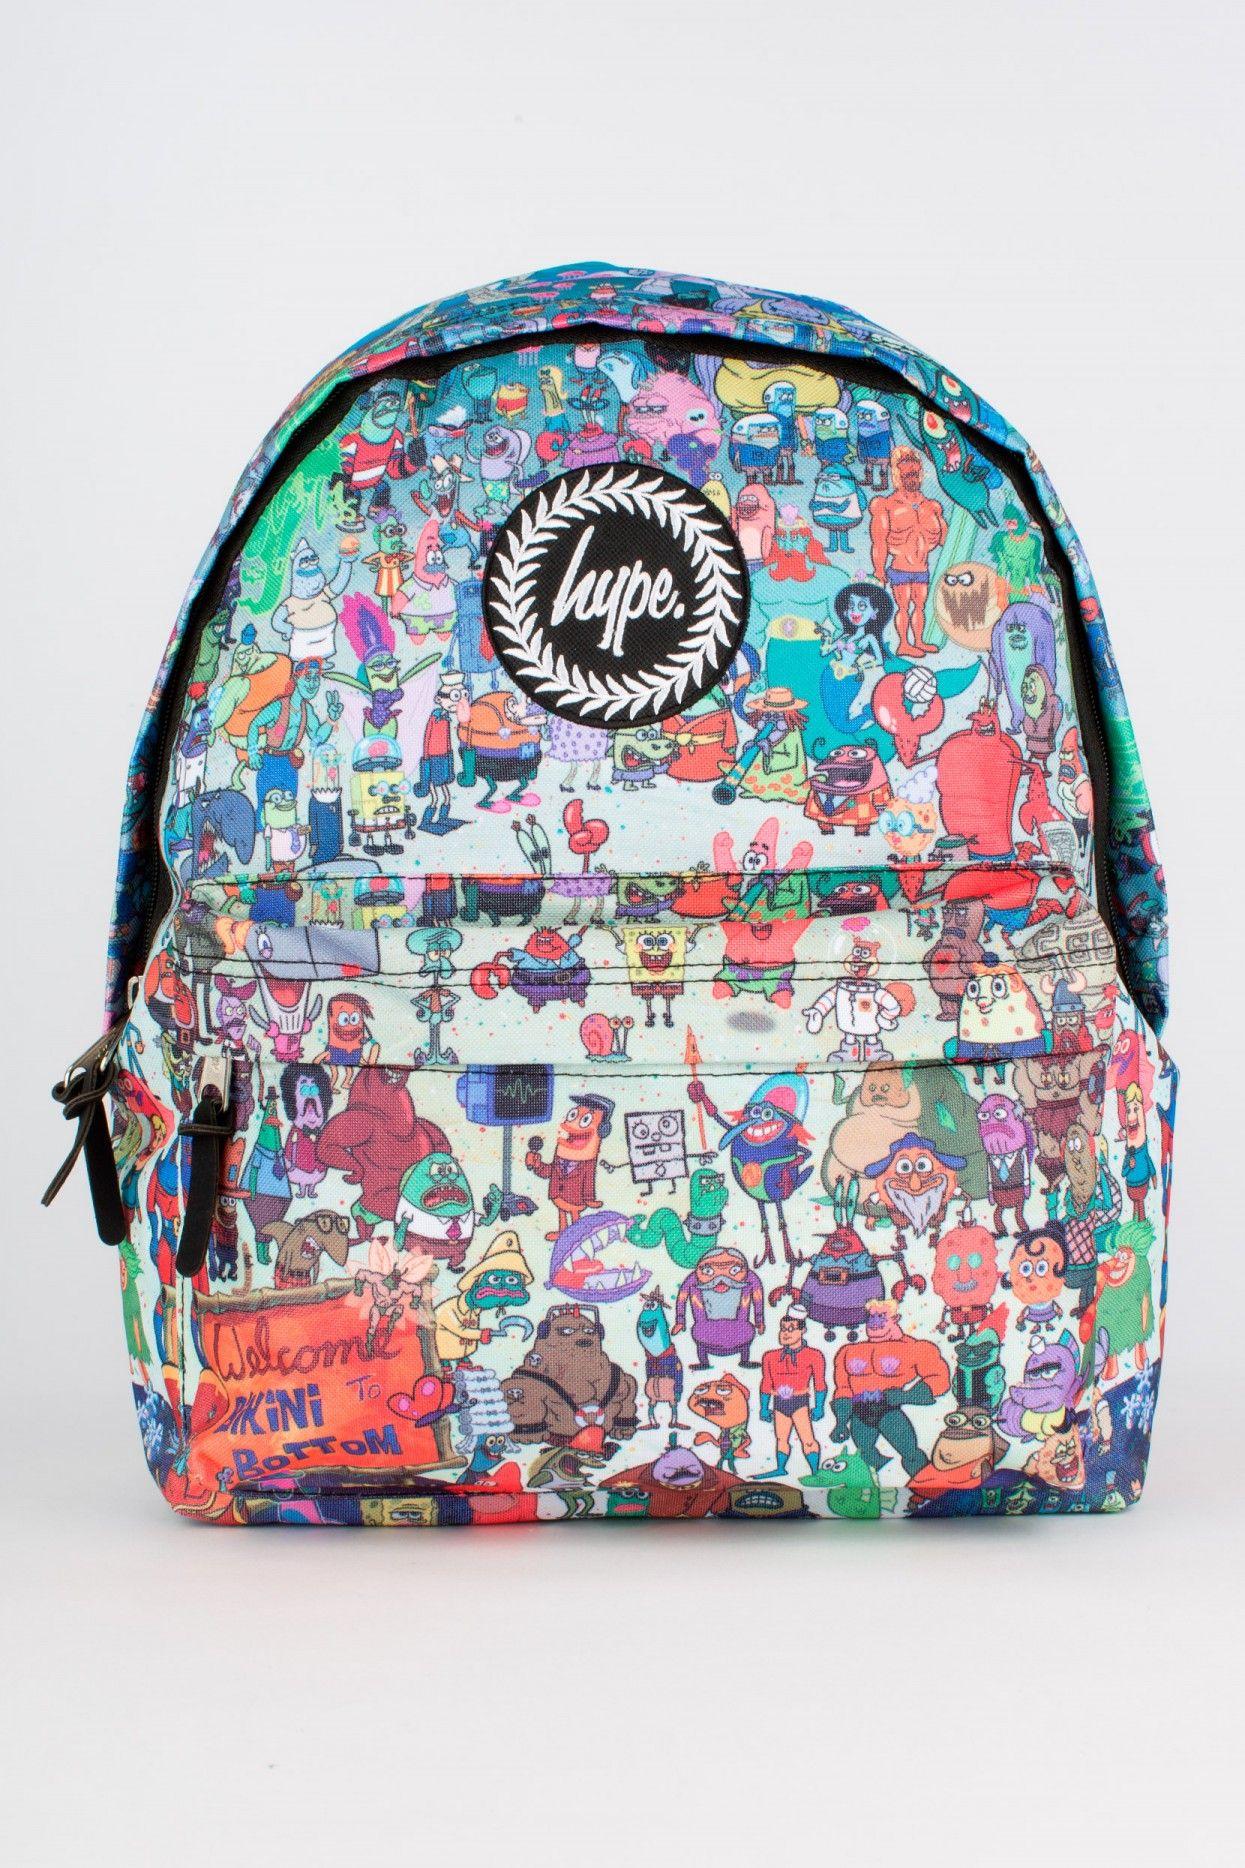 HYPE X SPONGEBOB EVERYONE BACKPACK Hype bags, Bags, Bags